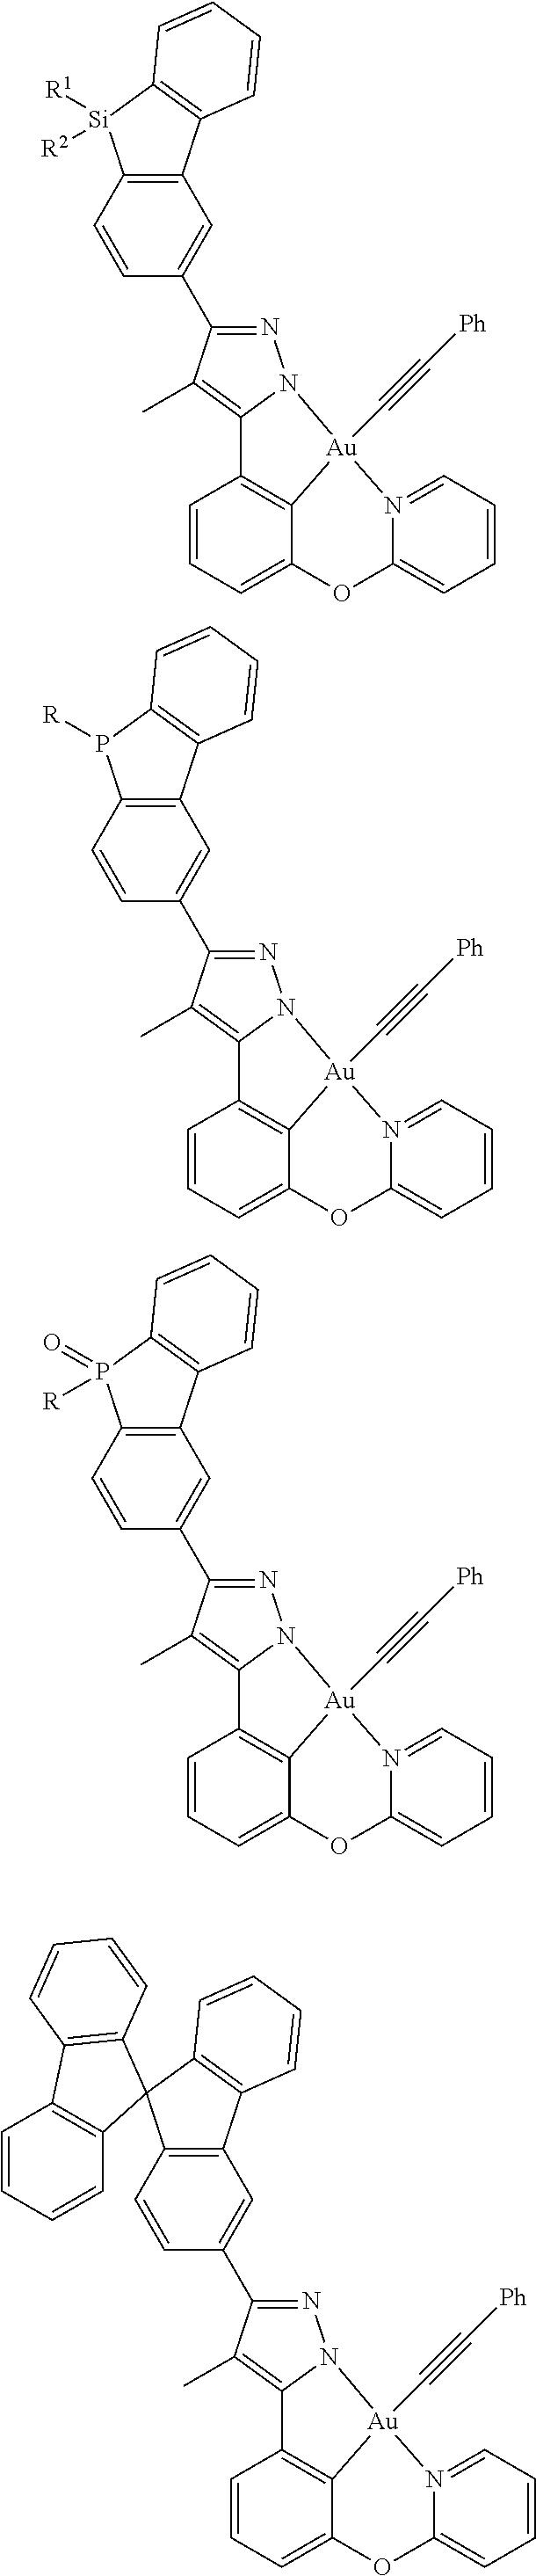 Figure US09818959-20171114-C00559